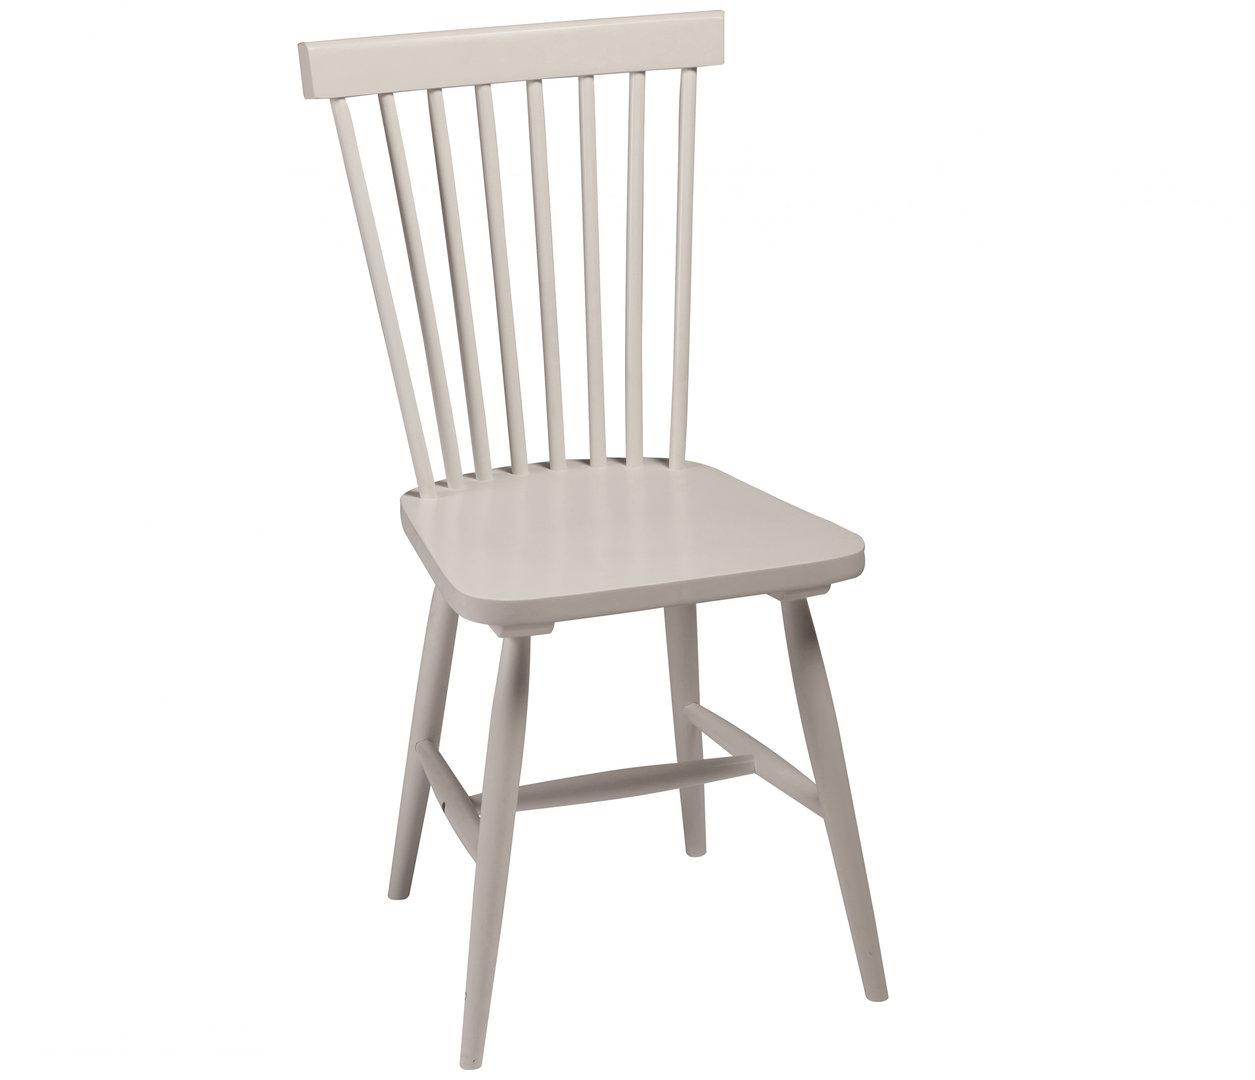 Stuhl agnes von dan form 4er set online kaufen buerado for Design stuhl form